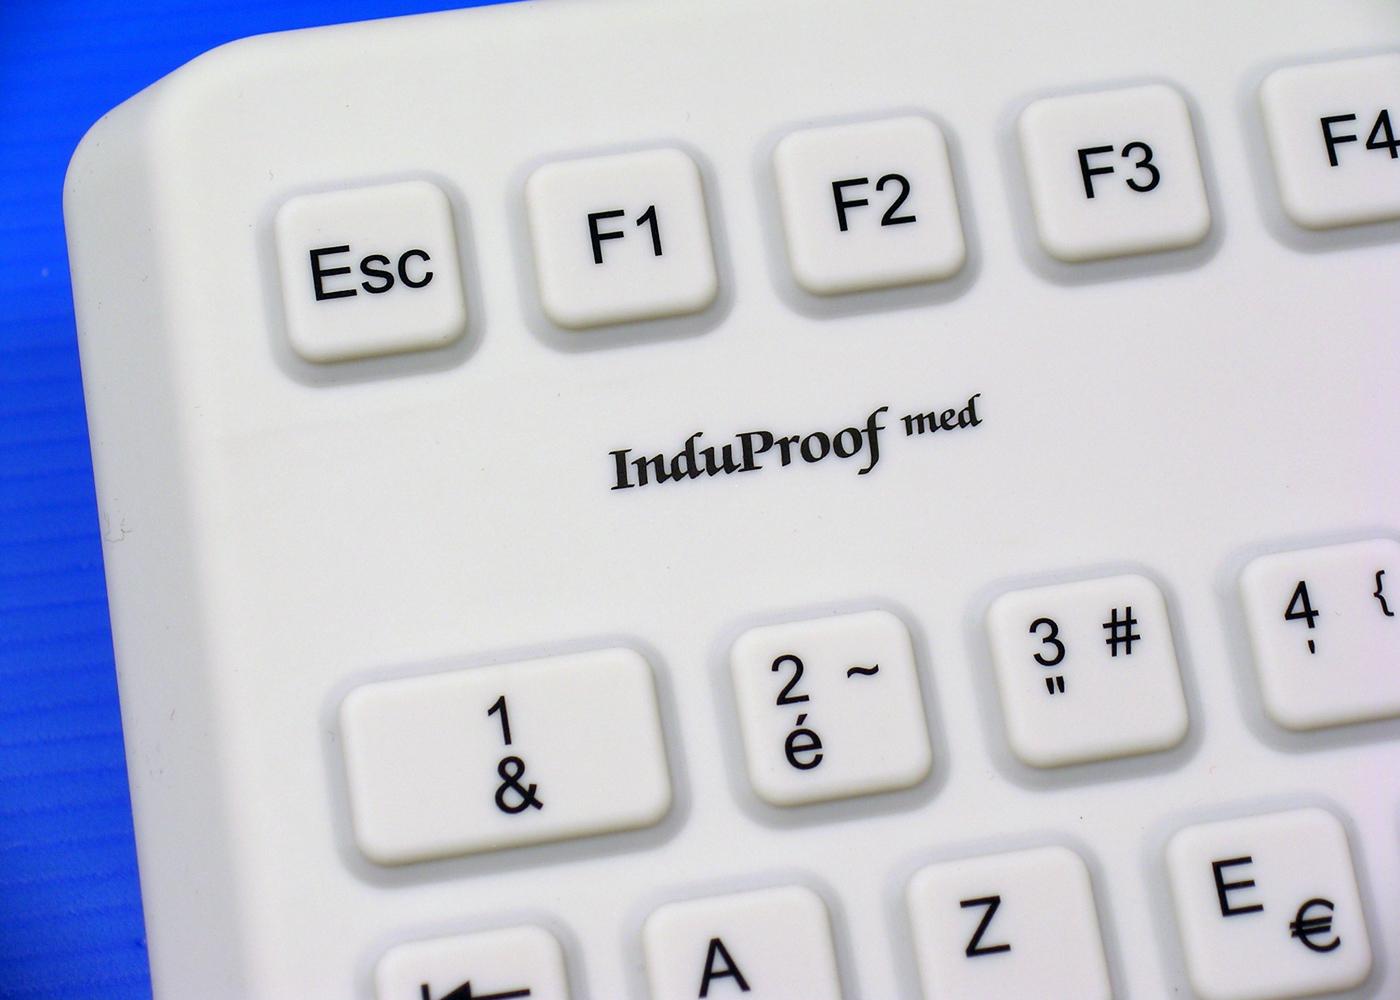 Clavier lavable 105 touches étanche IP68 avec vernis antimicrobien – Vue détail